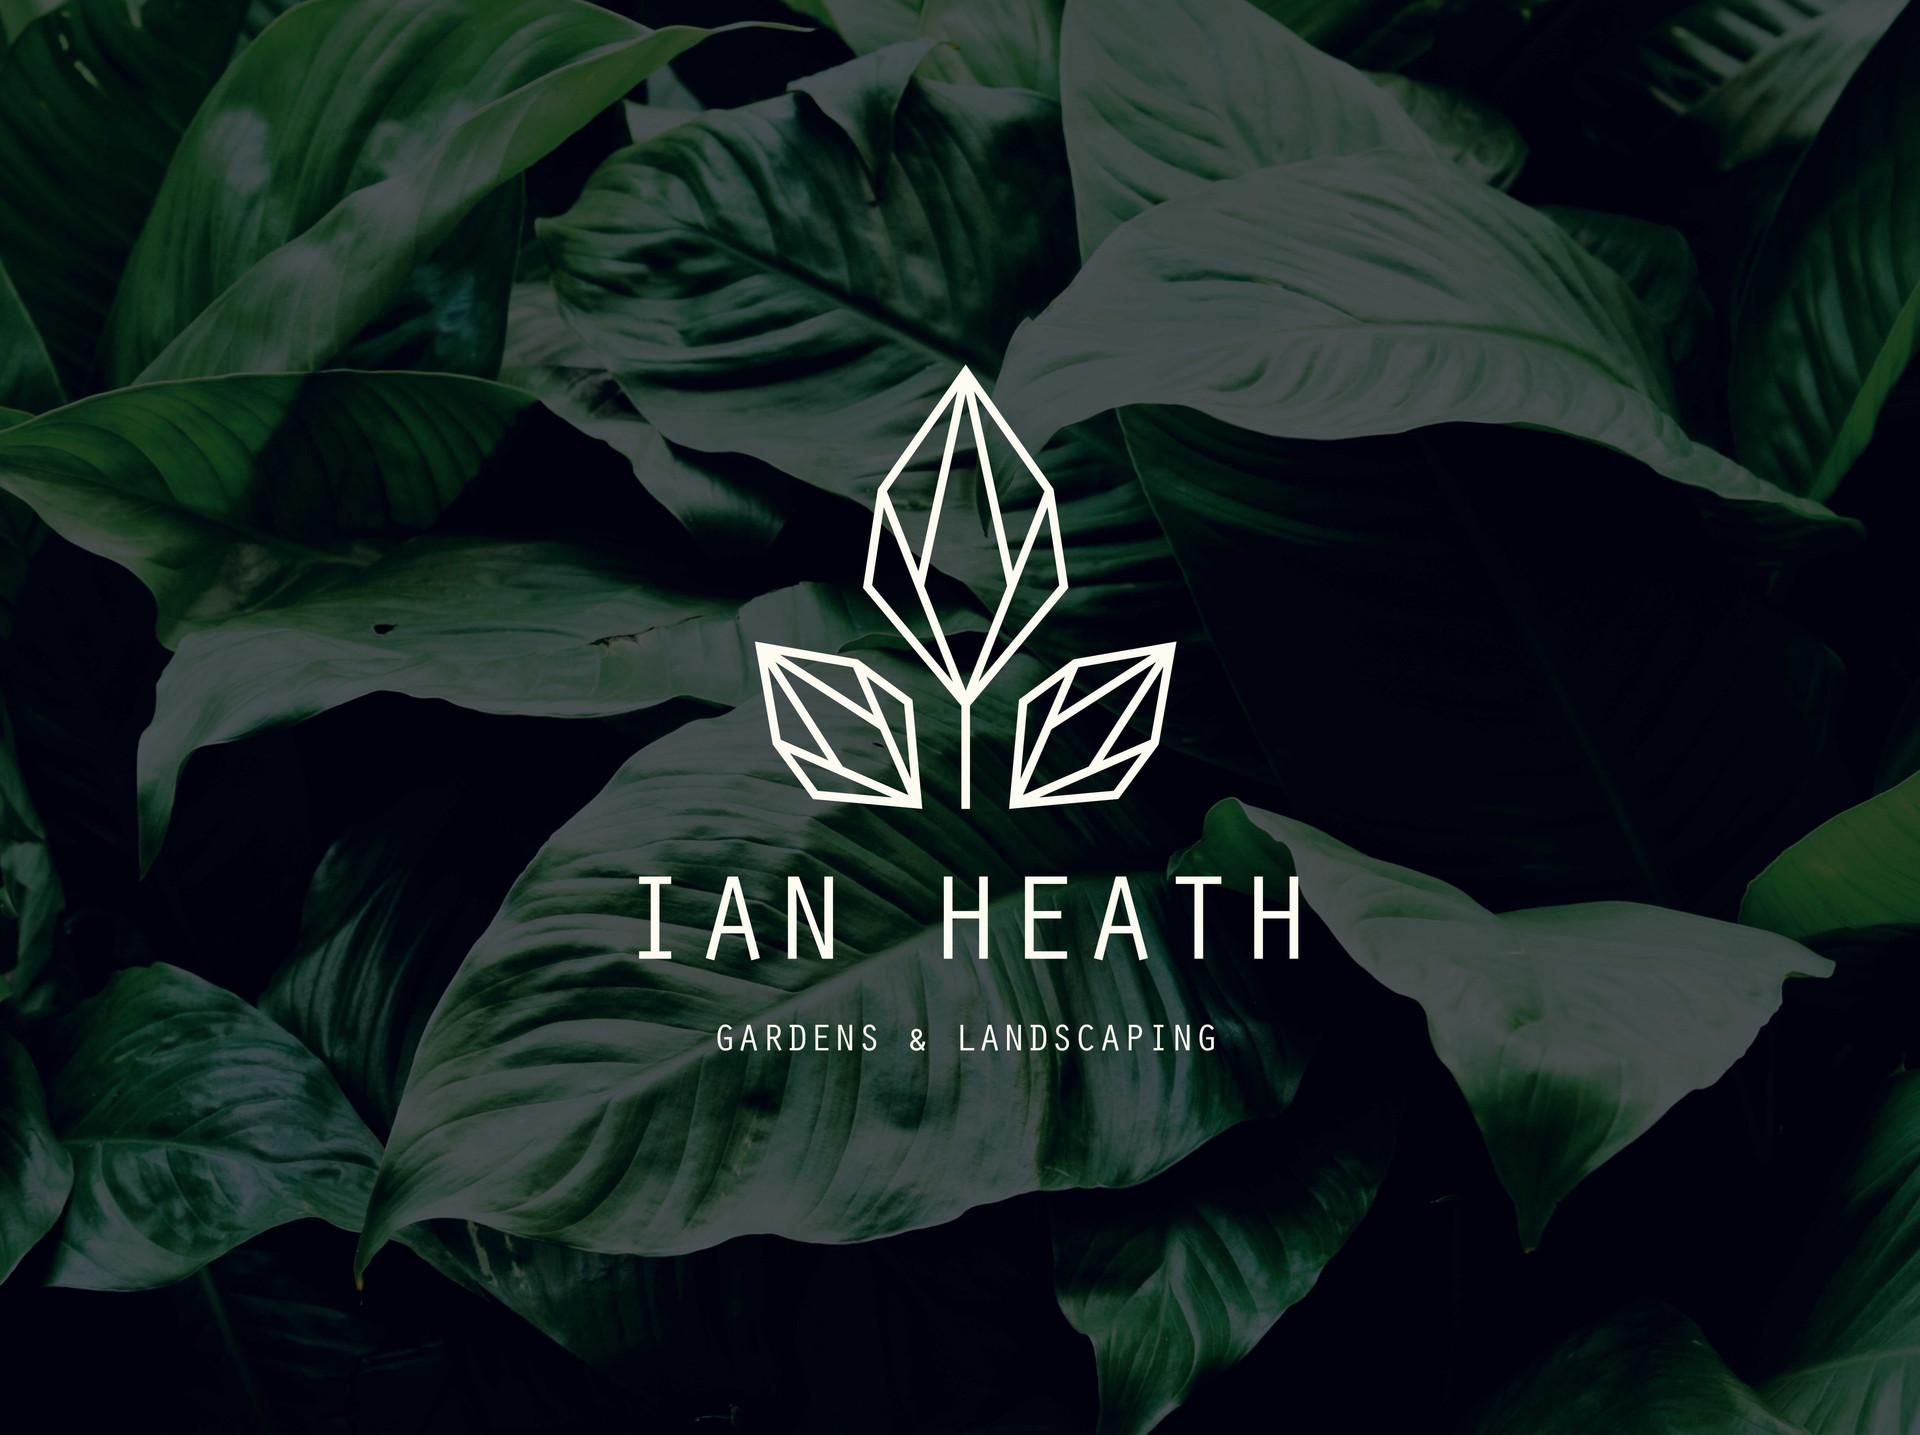 heathbrandingpage-1.jpg